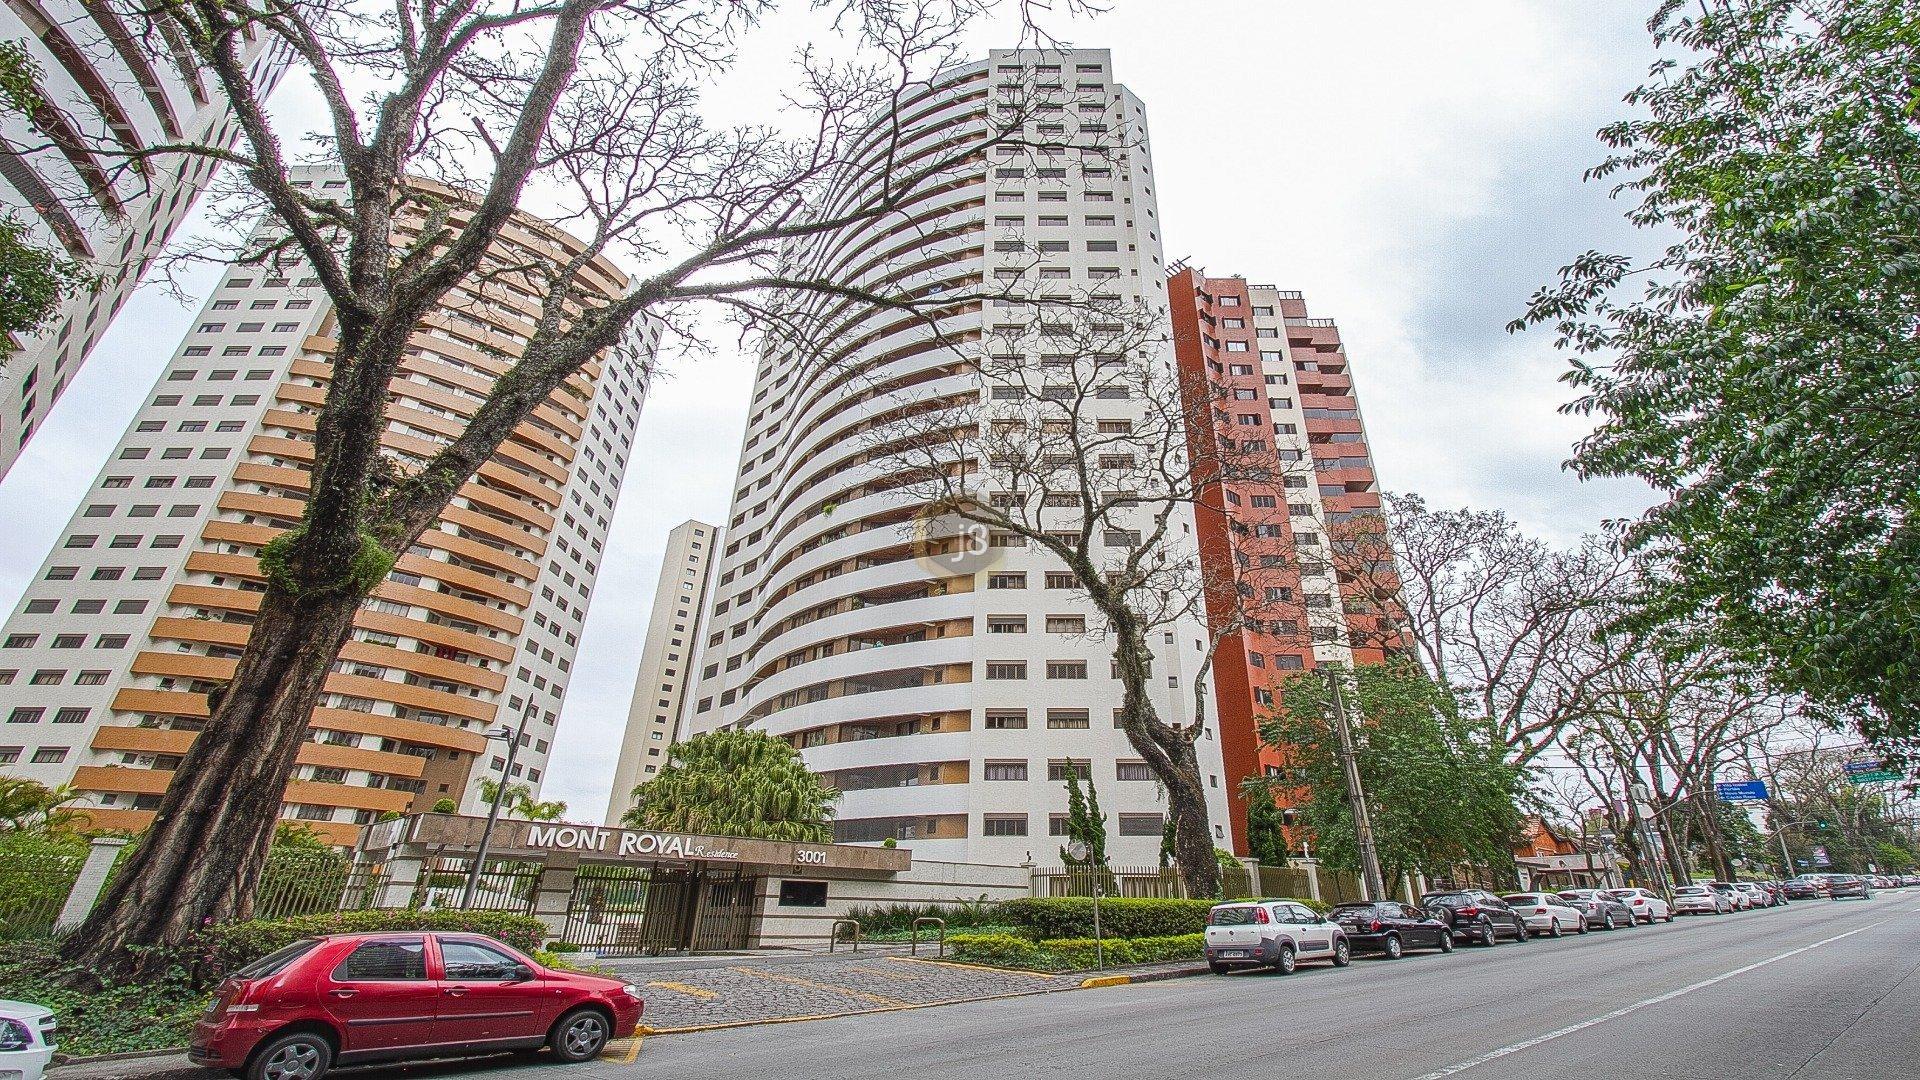 Foto de destaque Lindo apartamento em condomínio clube